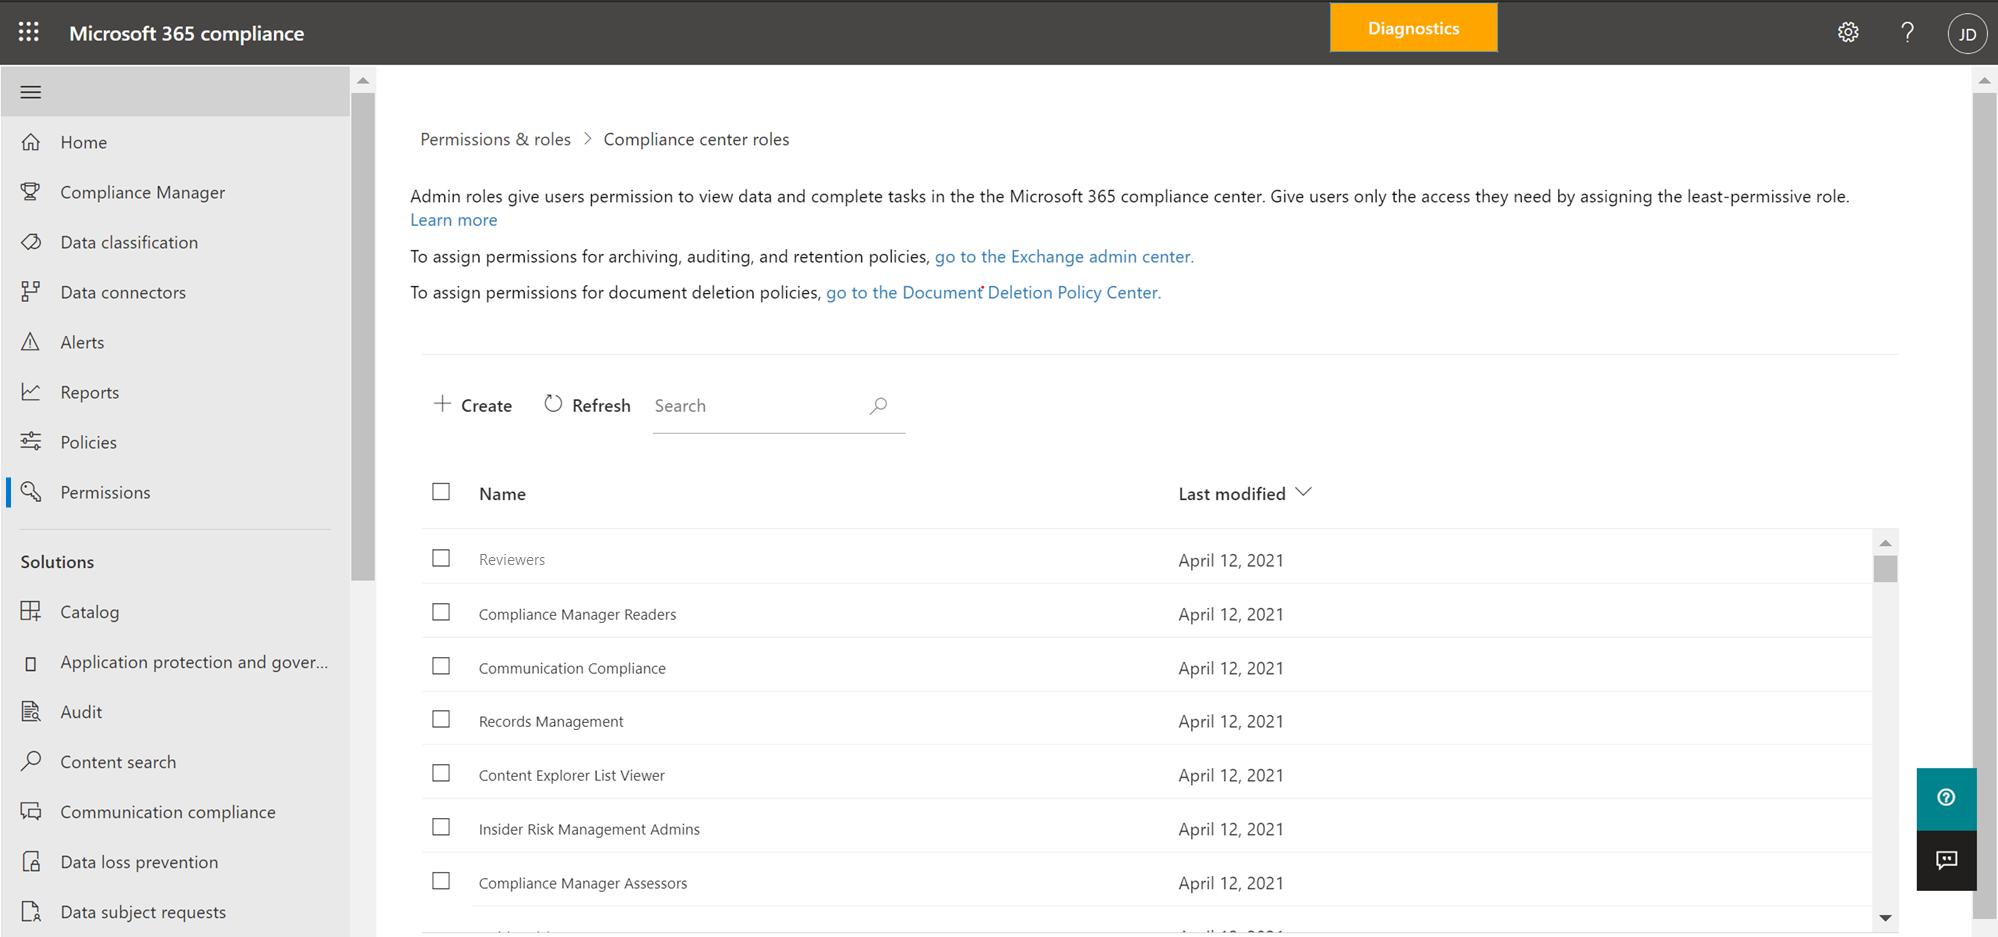 Compliance Center Roles